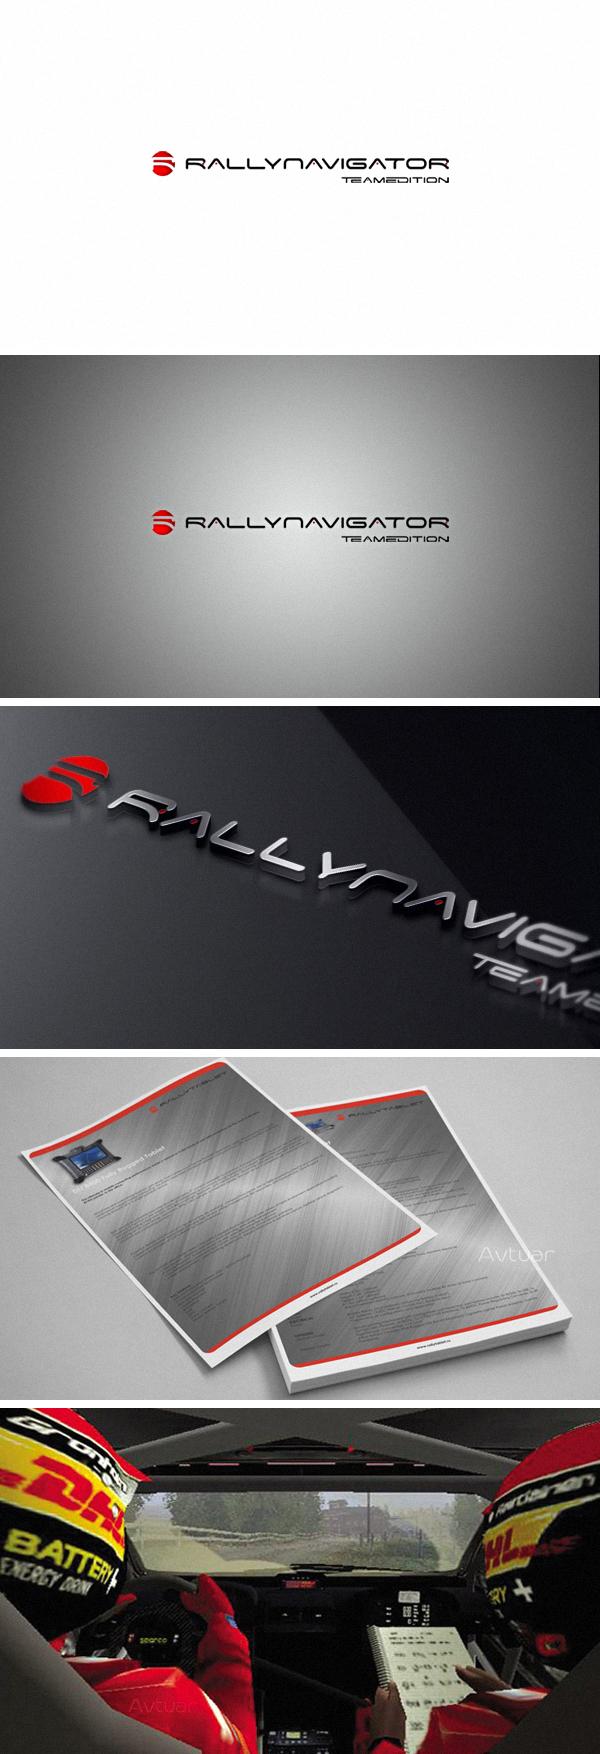 RallyNavigator